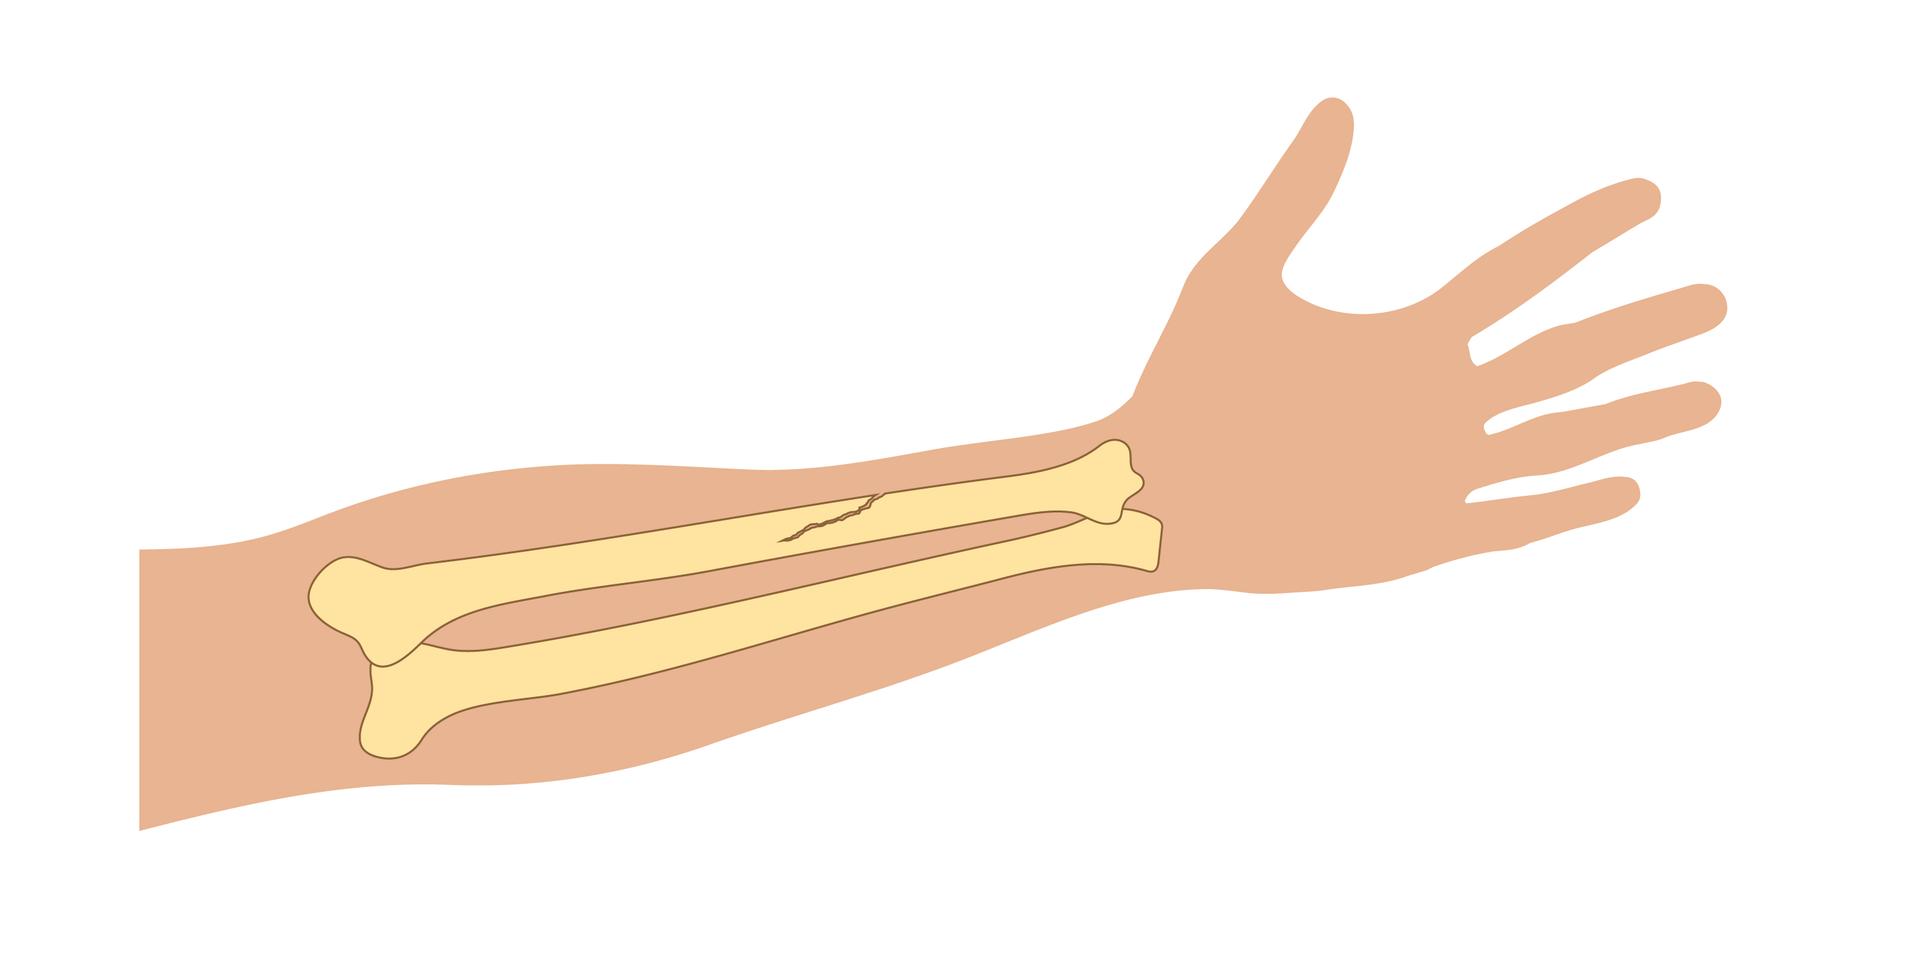 Galeria prezentuje rodzaje złamań na przykładzie rysunku przedstawiającego kości przedramienia. Ilustracja przedstawia zarys przedramienia prawej ręki skierowany wyprostowanymi palcami wprawą stronę. Na ilustrację naniesiono schematyczne rysunki kości przedramienia ułożone równolegle do siebie. Przykład numer jeden przedstawia pęknięcie widoczne na górnej kości biegnące pod kątem ostrym do krawędzi kości.